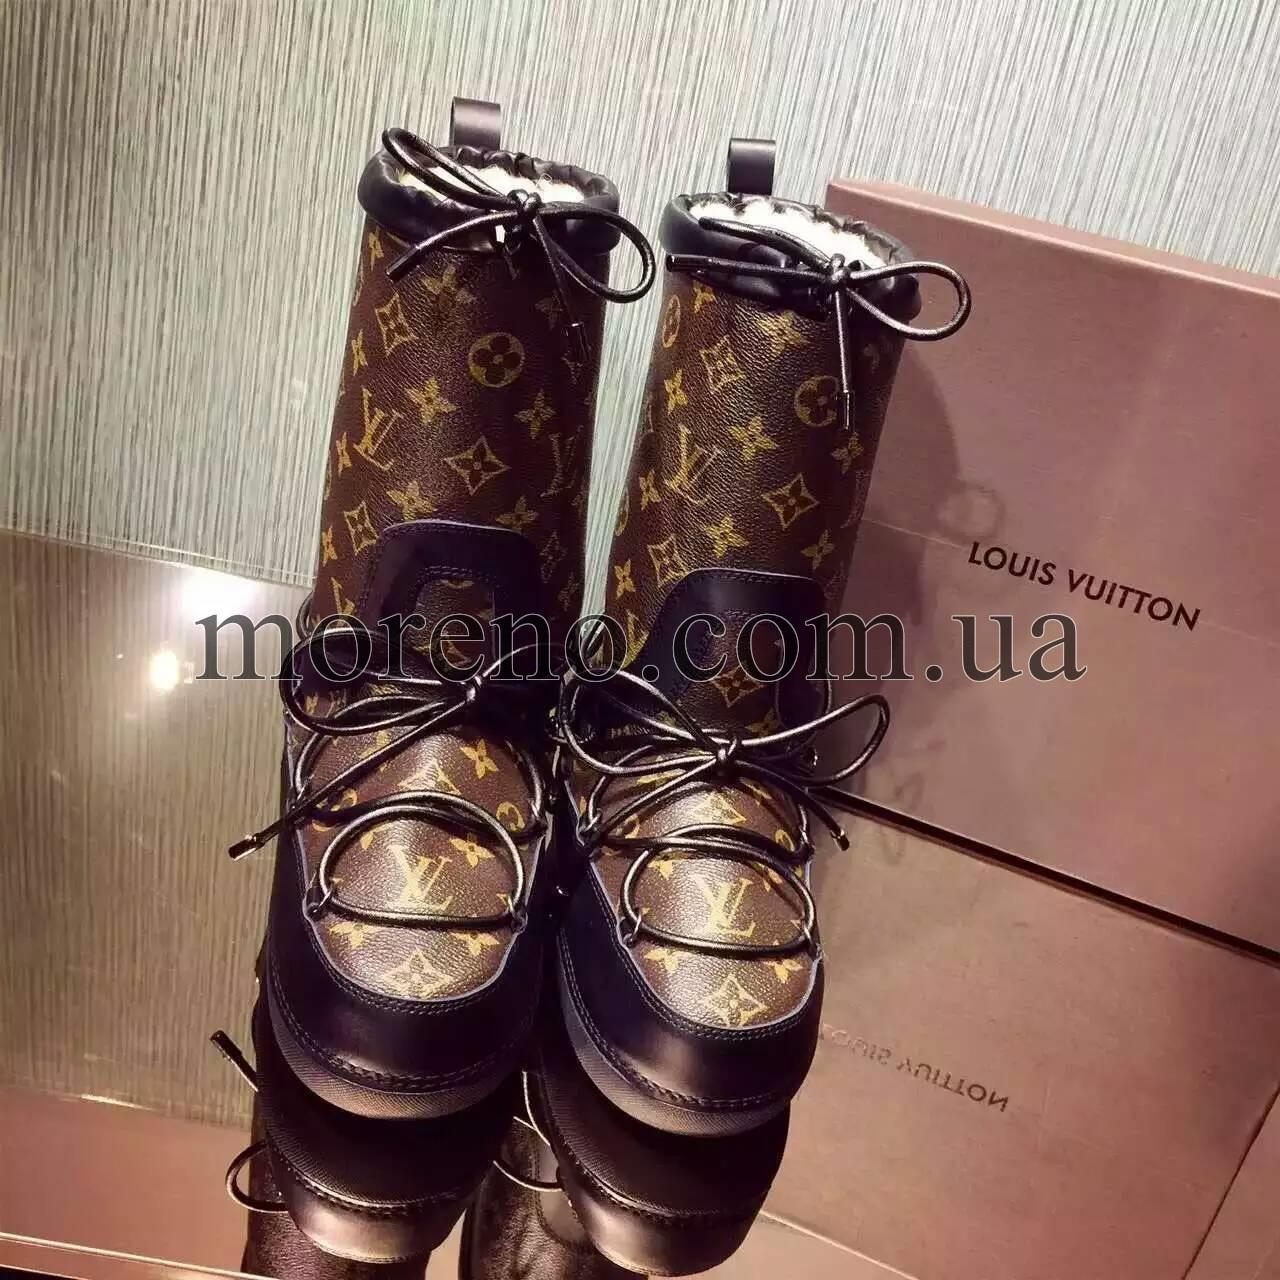 620c0e0e990c Сапоги Louis Vuitton SNOW DAY на меху фото 6